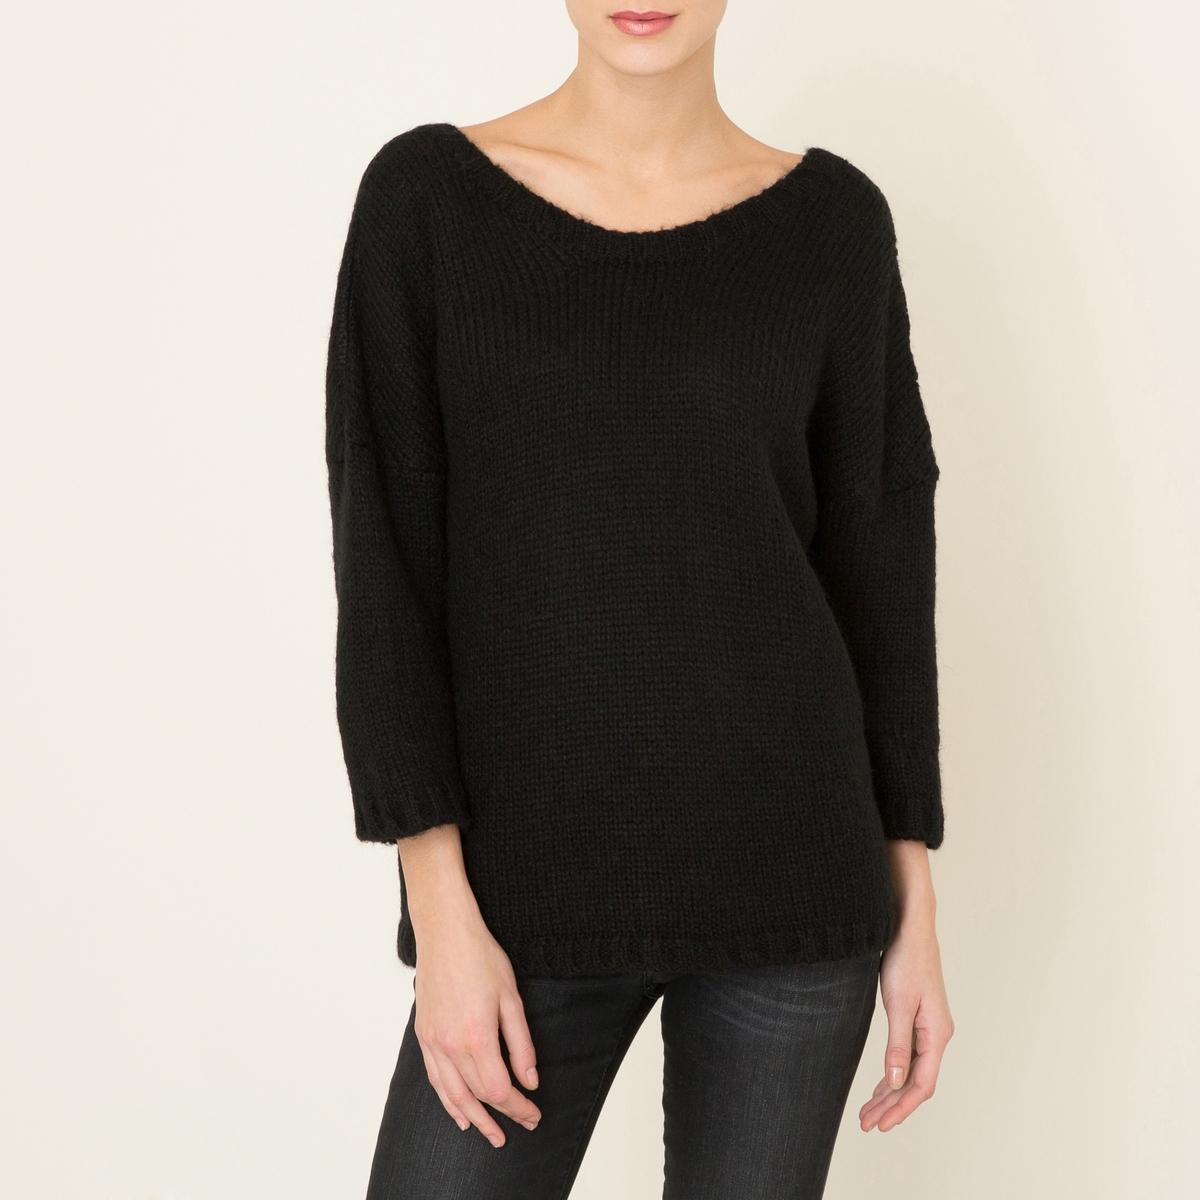 Пуловер IMPALAСостав и описание :Материал : 38% акрила, 32% полиамида, 30% мохераМарка : BA&amp;SH<br><br>Цвет: черный<br>Размер: L